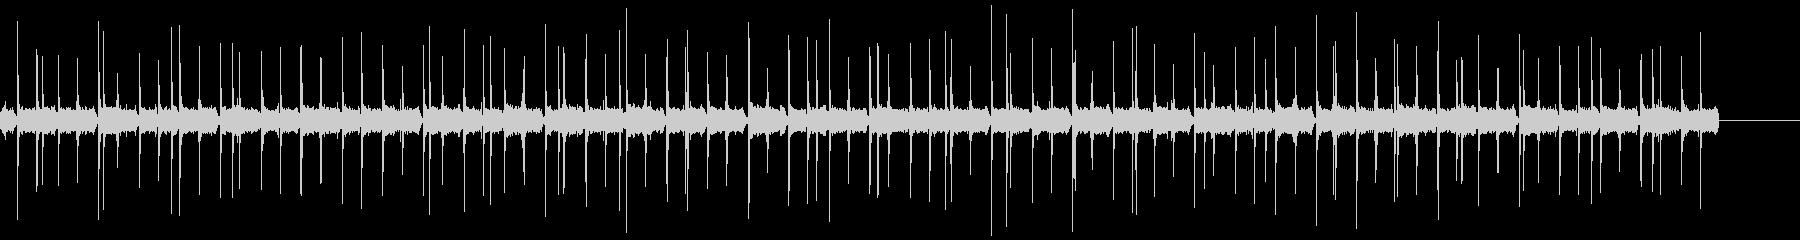 空気圧-バルブ-小-産業-楽器の未再生の波形